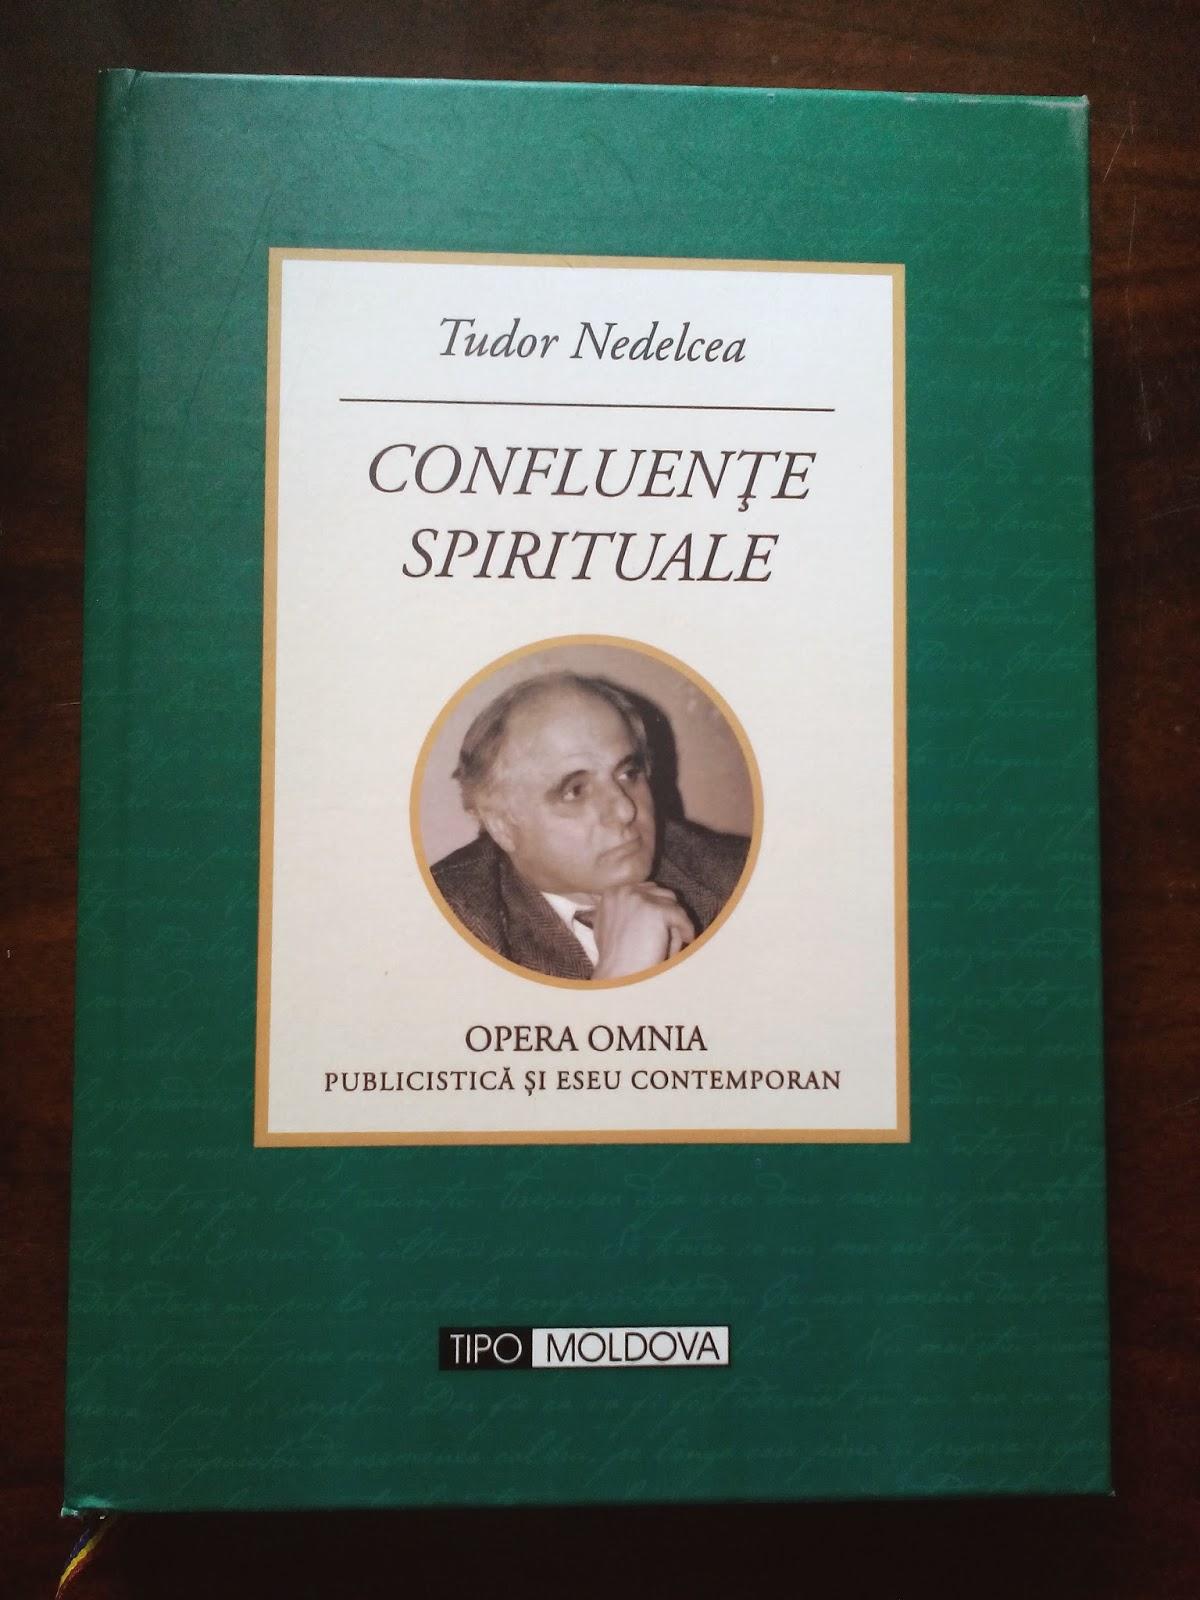 Tudor Nedelcea - Confluente Spirituale